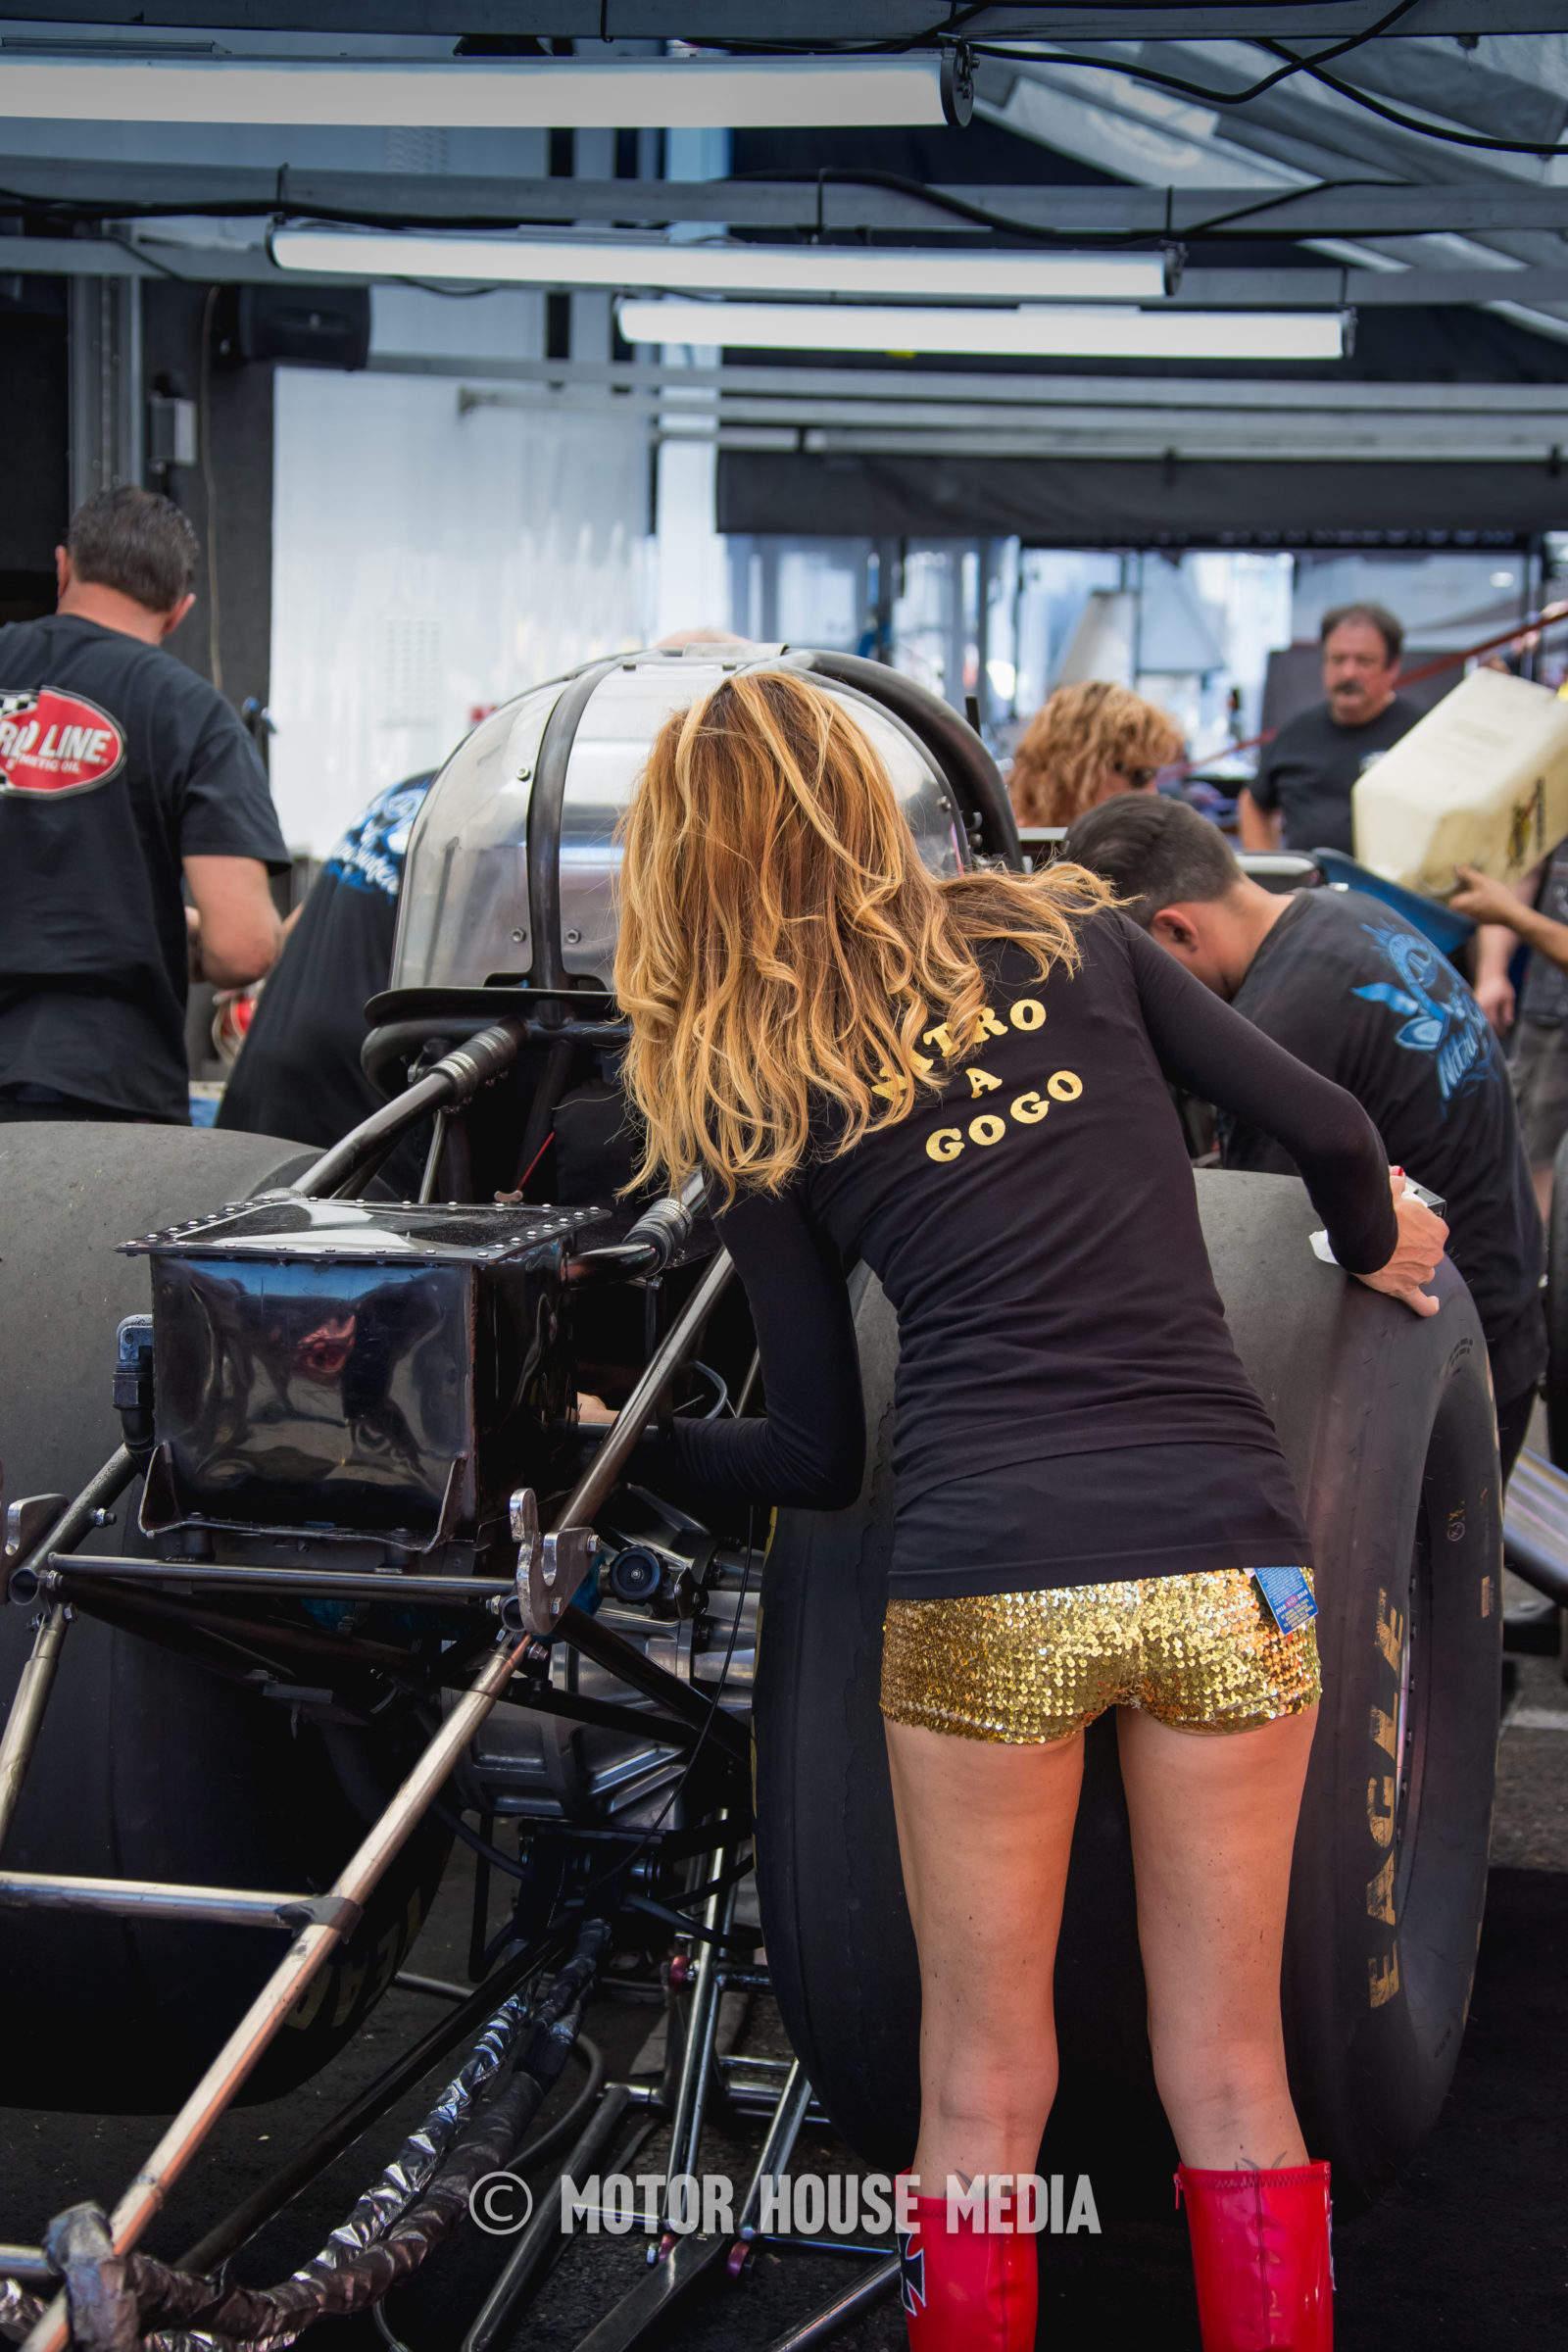 NHRA Nitro a GoGo Race team